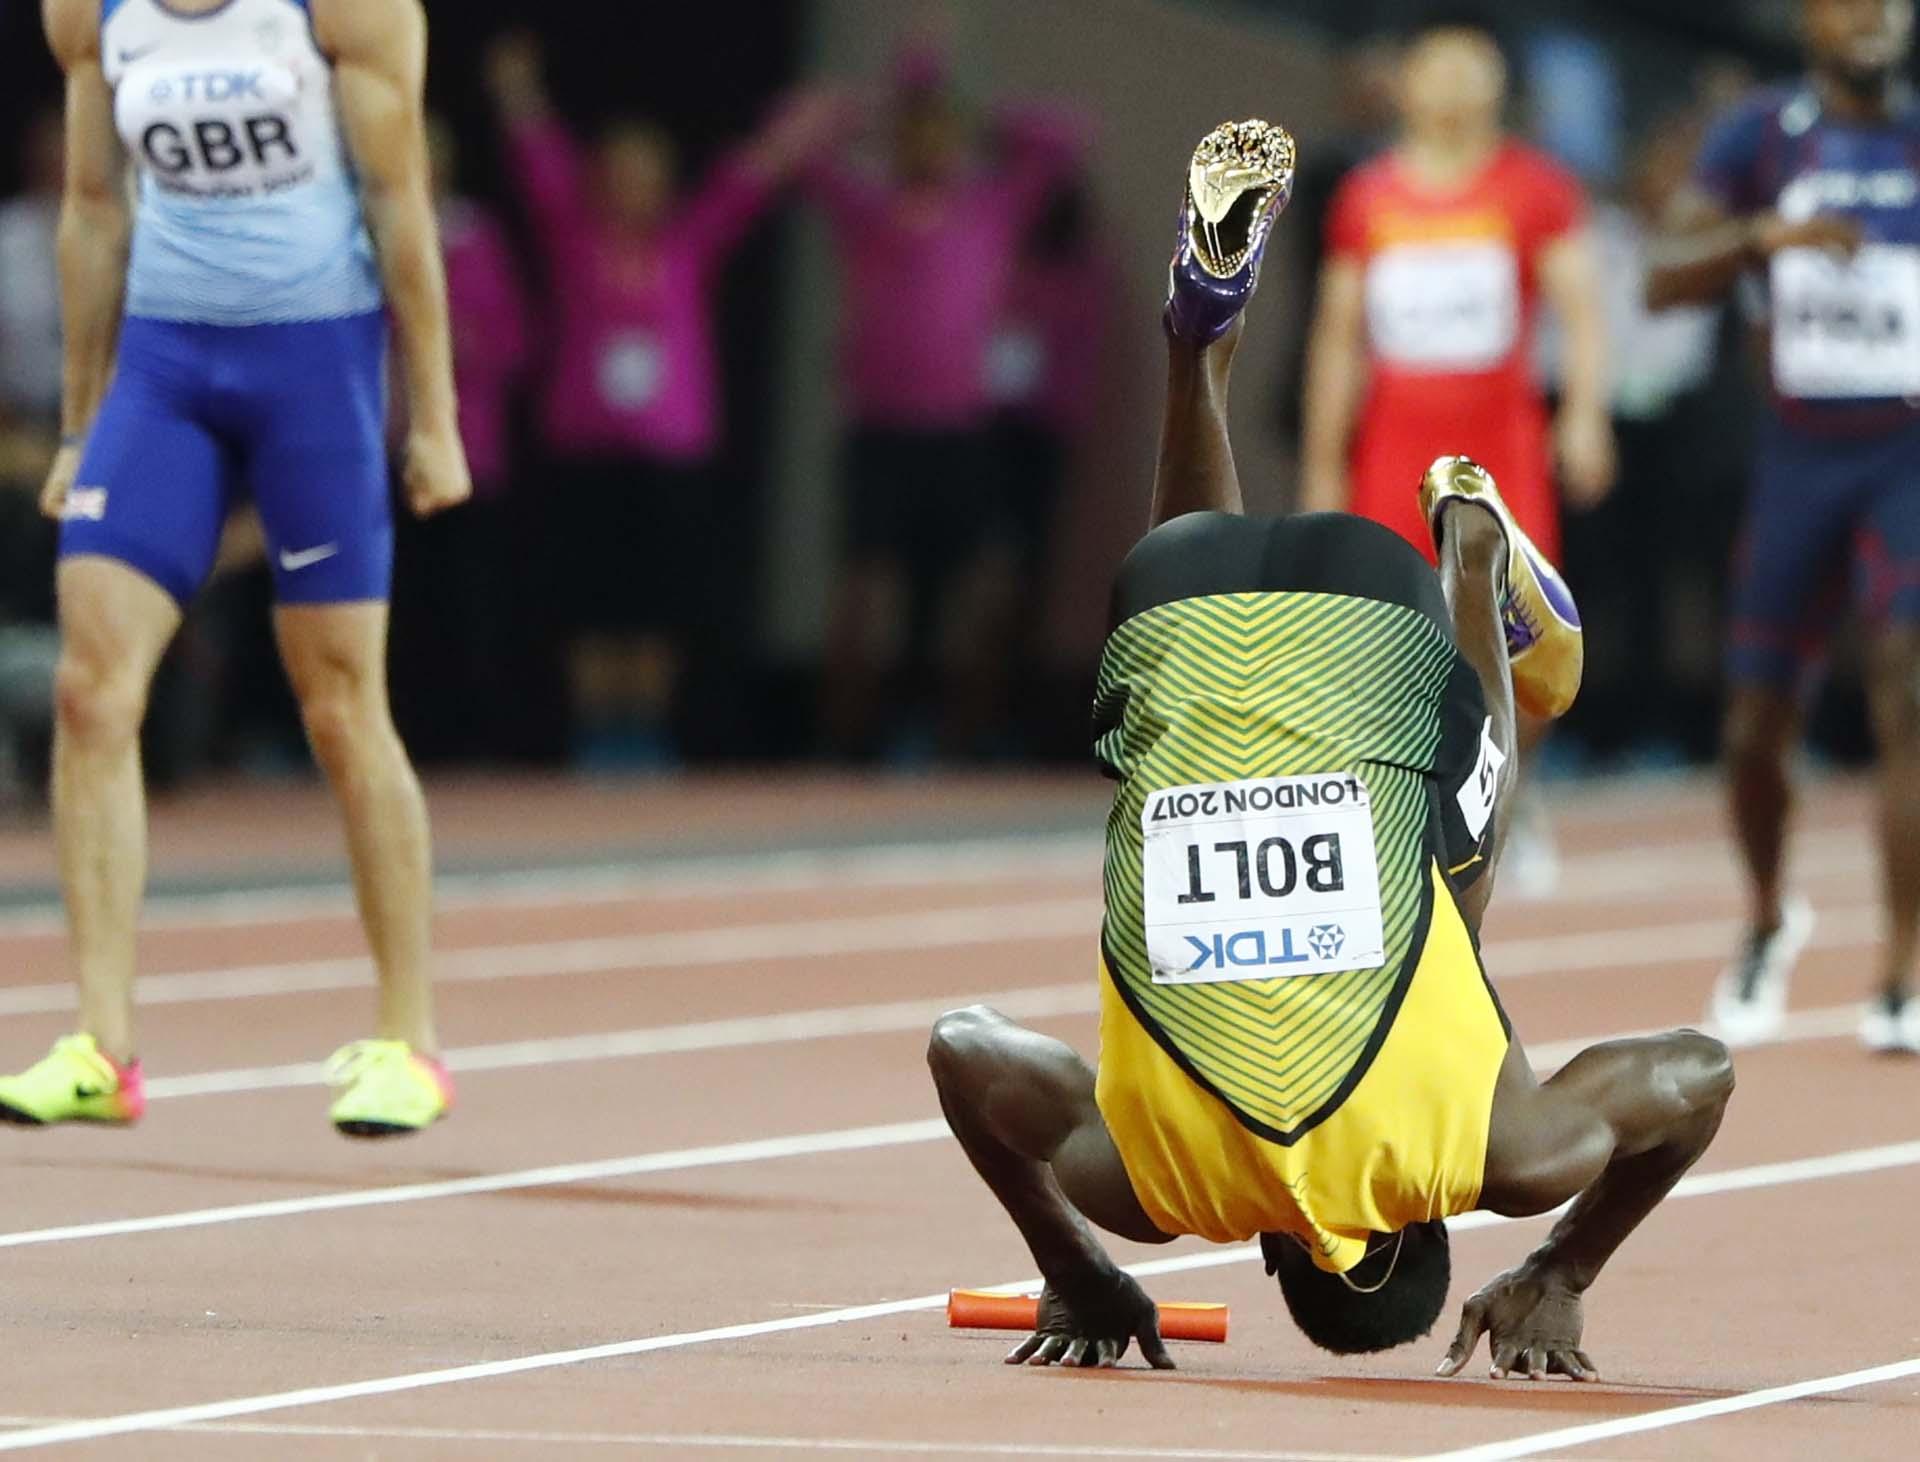 El equipo jamaiquino estuvo compuesto por Julian Forte, Yohan Blake y Omar McLeod